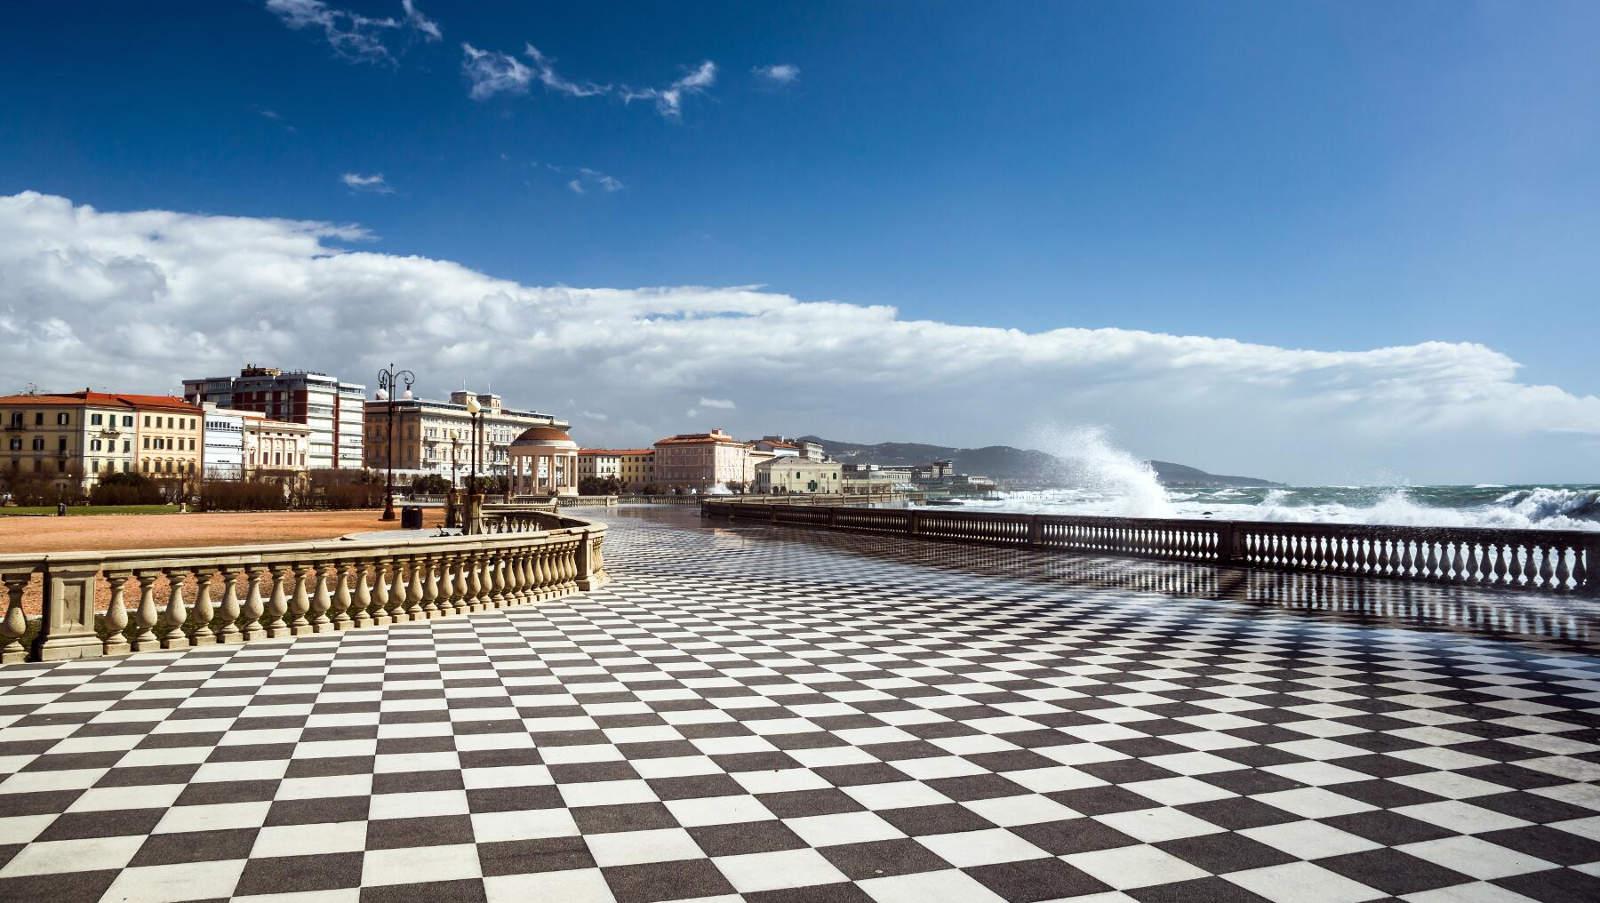 Valutazione Immobili Livorno